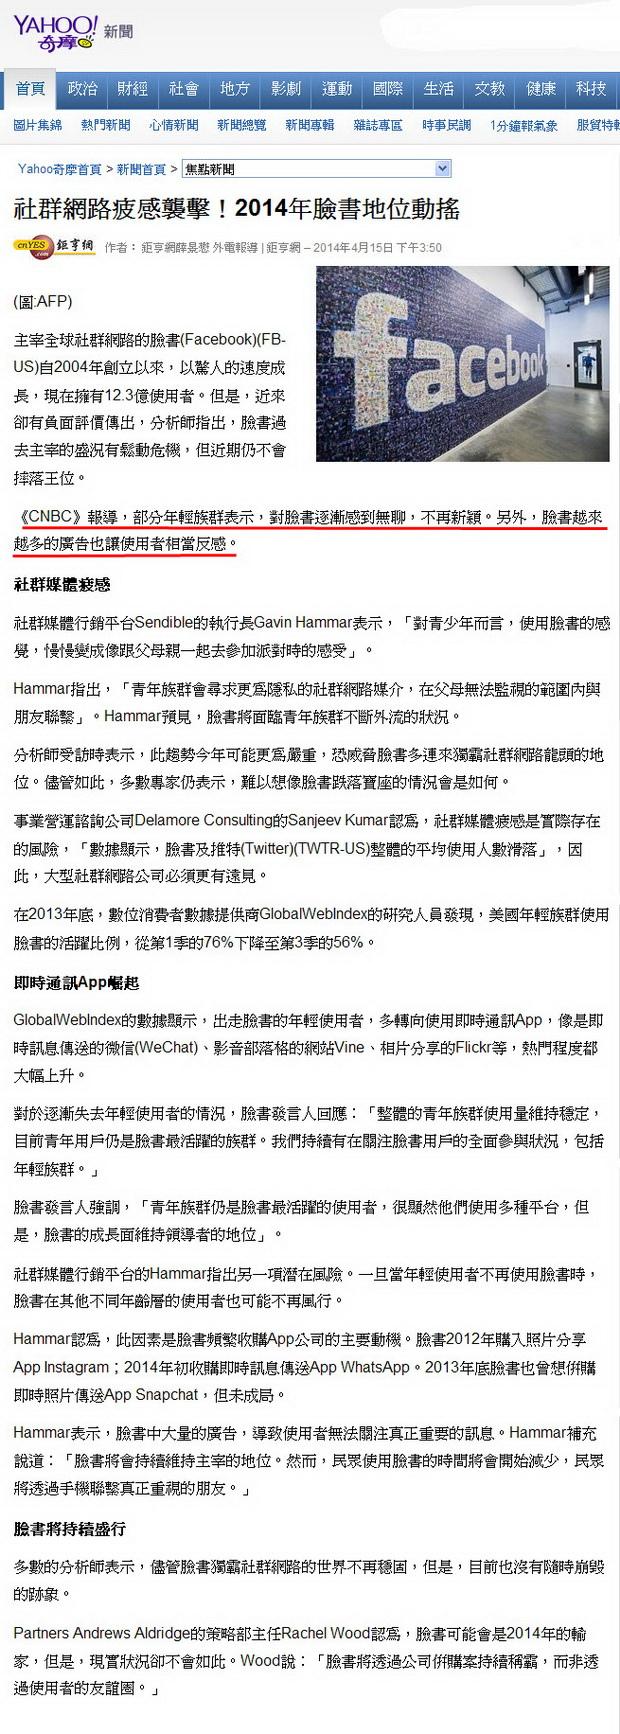 社群網路疲感襲擊!2014年臉書地位動搖-2014.04.15.jpg